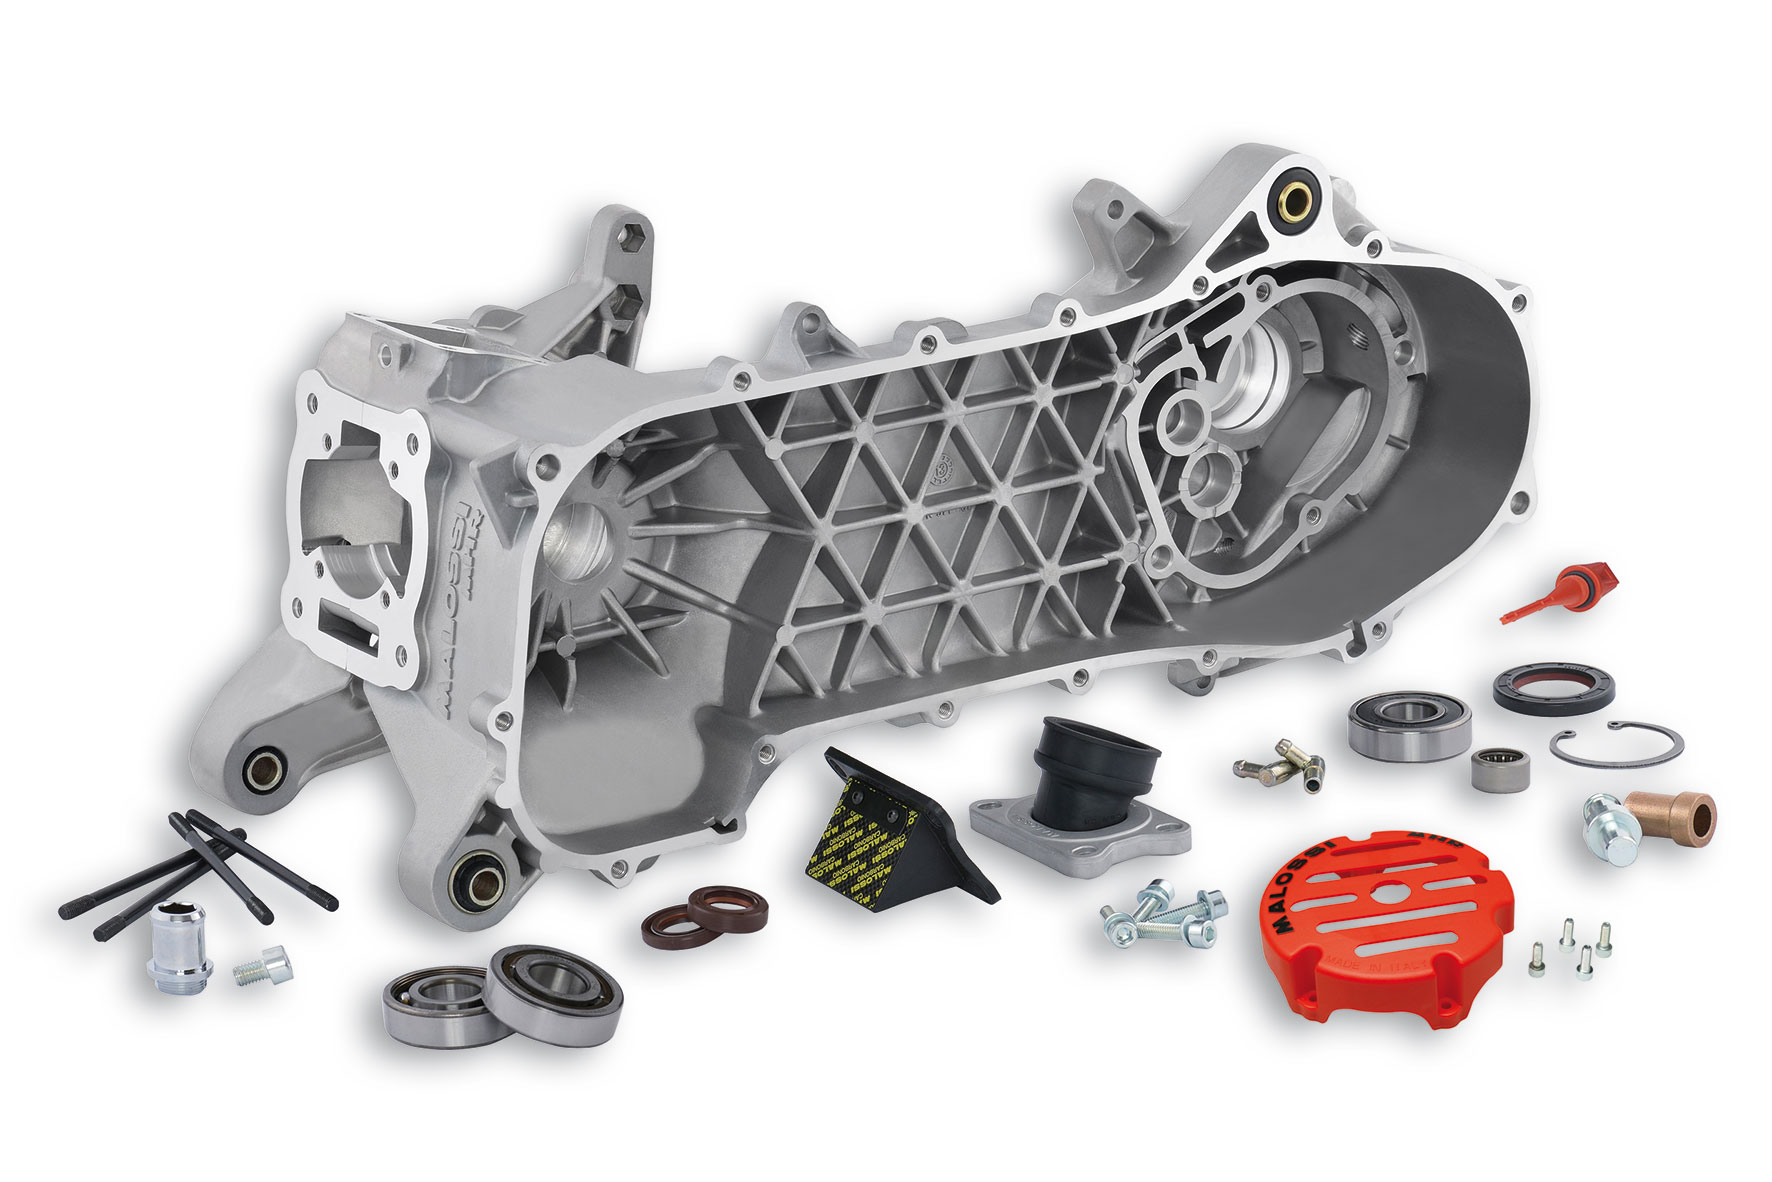 Carter motore completo MHR C - one (per motore PIAGGIO)